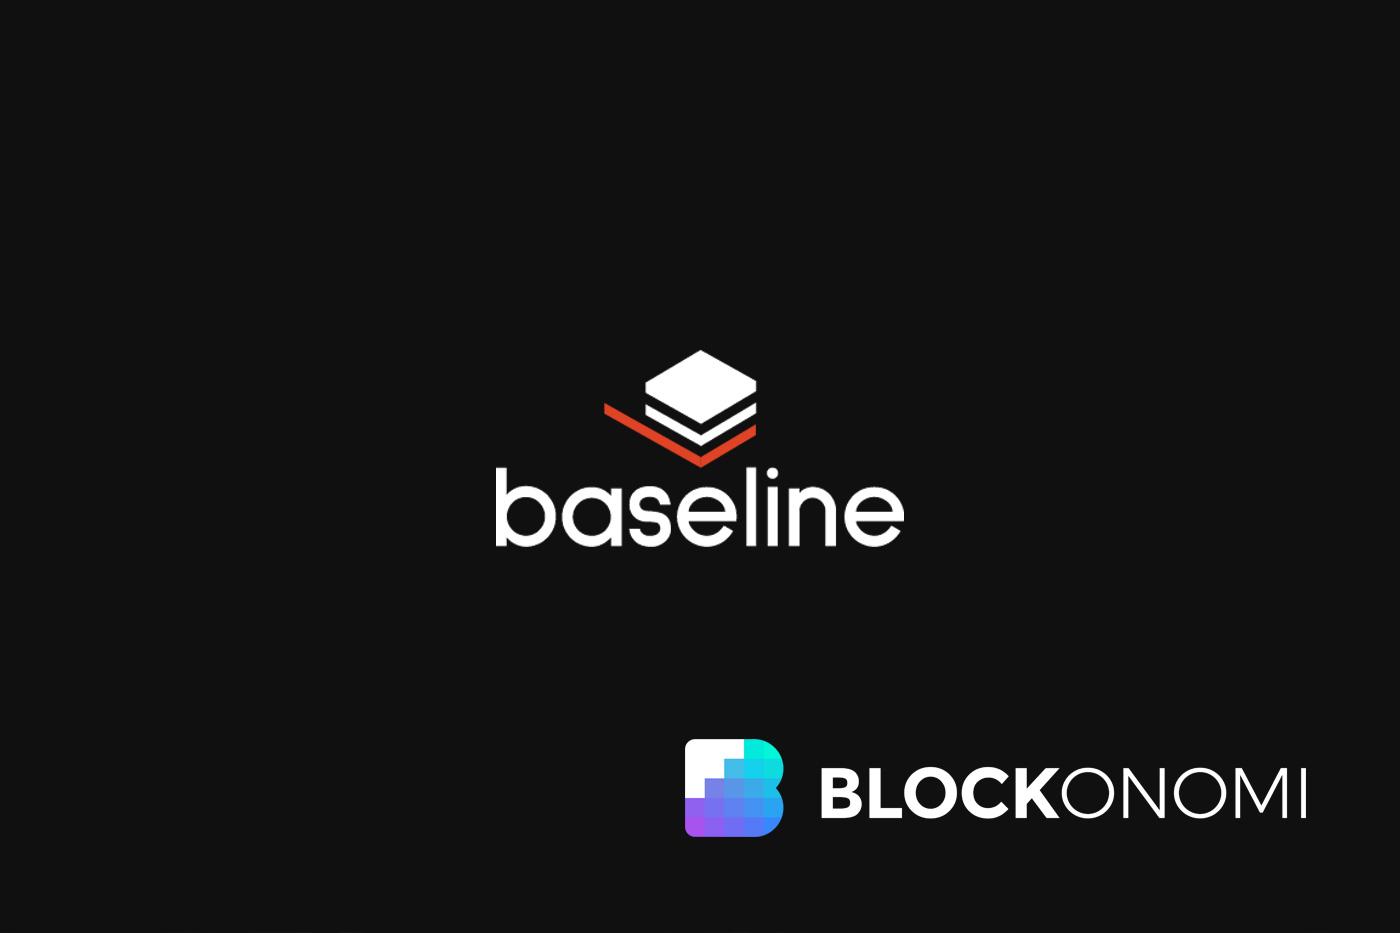 Petunjuk Protokol Baseline Baru di Masa Depan Bisnis Besar Di Ethereum